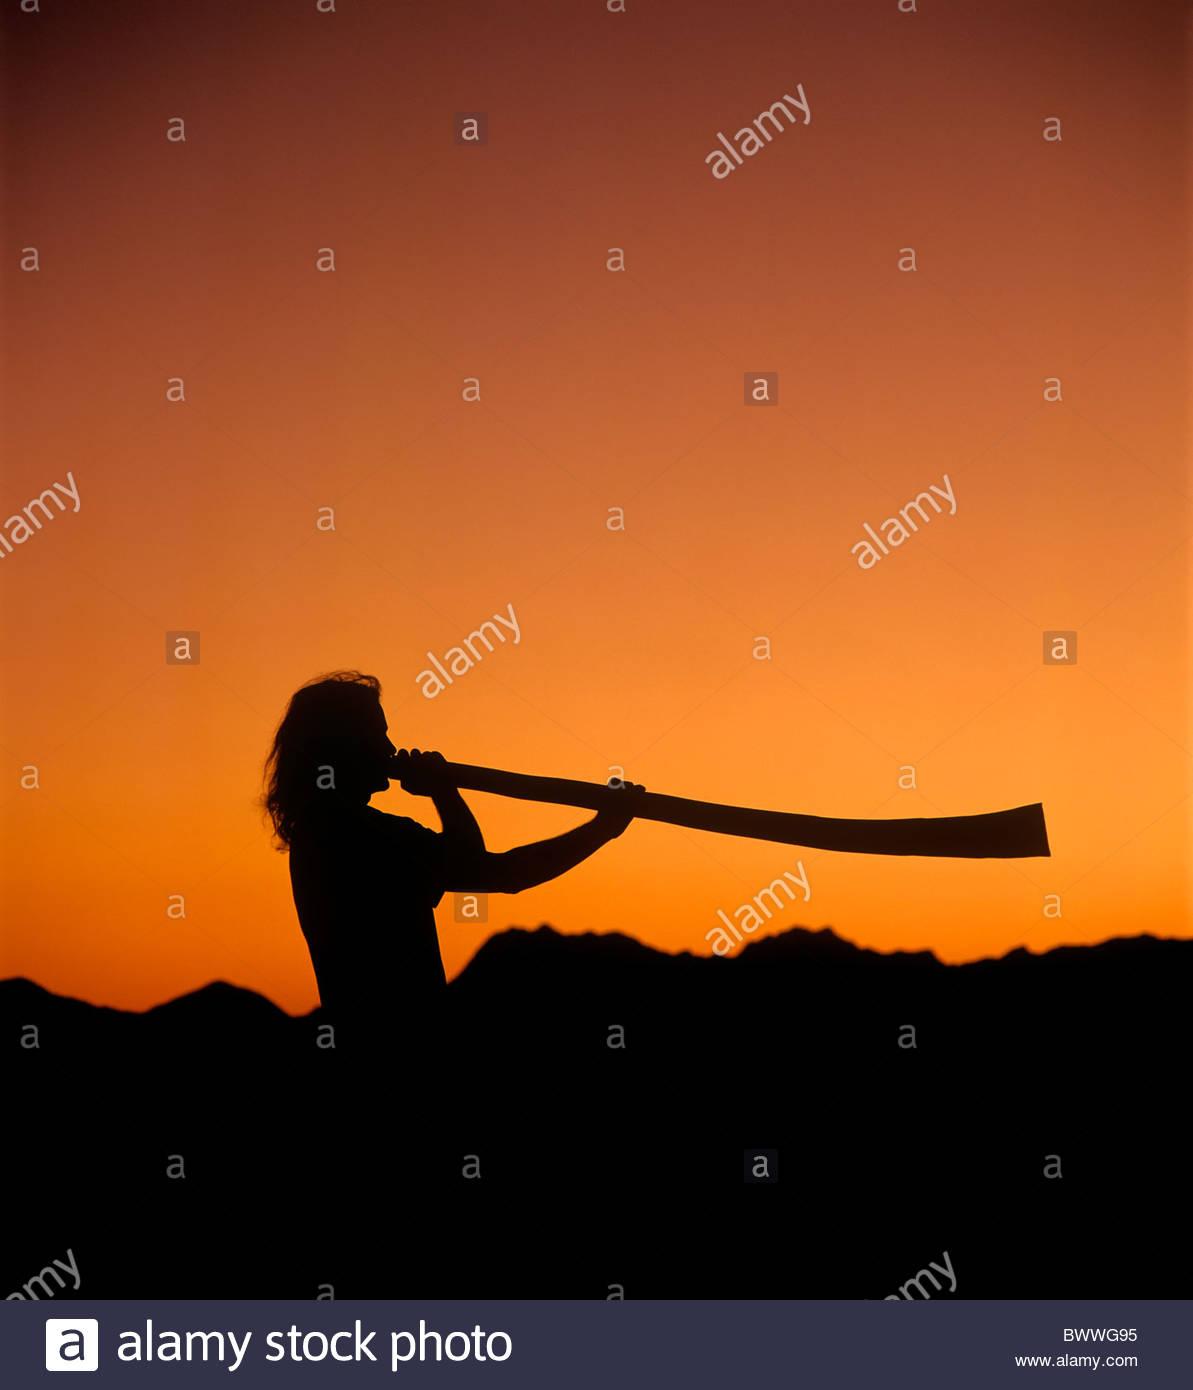 Man spielt ein Didgeridoo bei Sonnenuntergang mit Tucson Berge im Hintergrund Silhouette Orange und schwarz Stockfoto